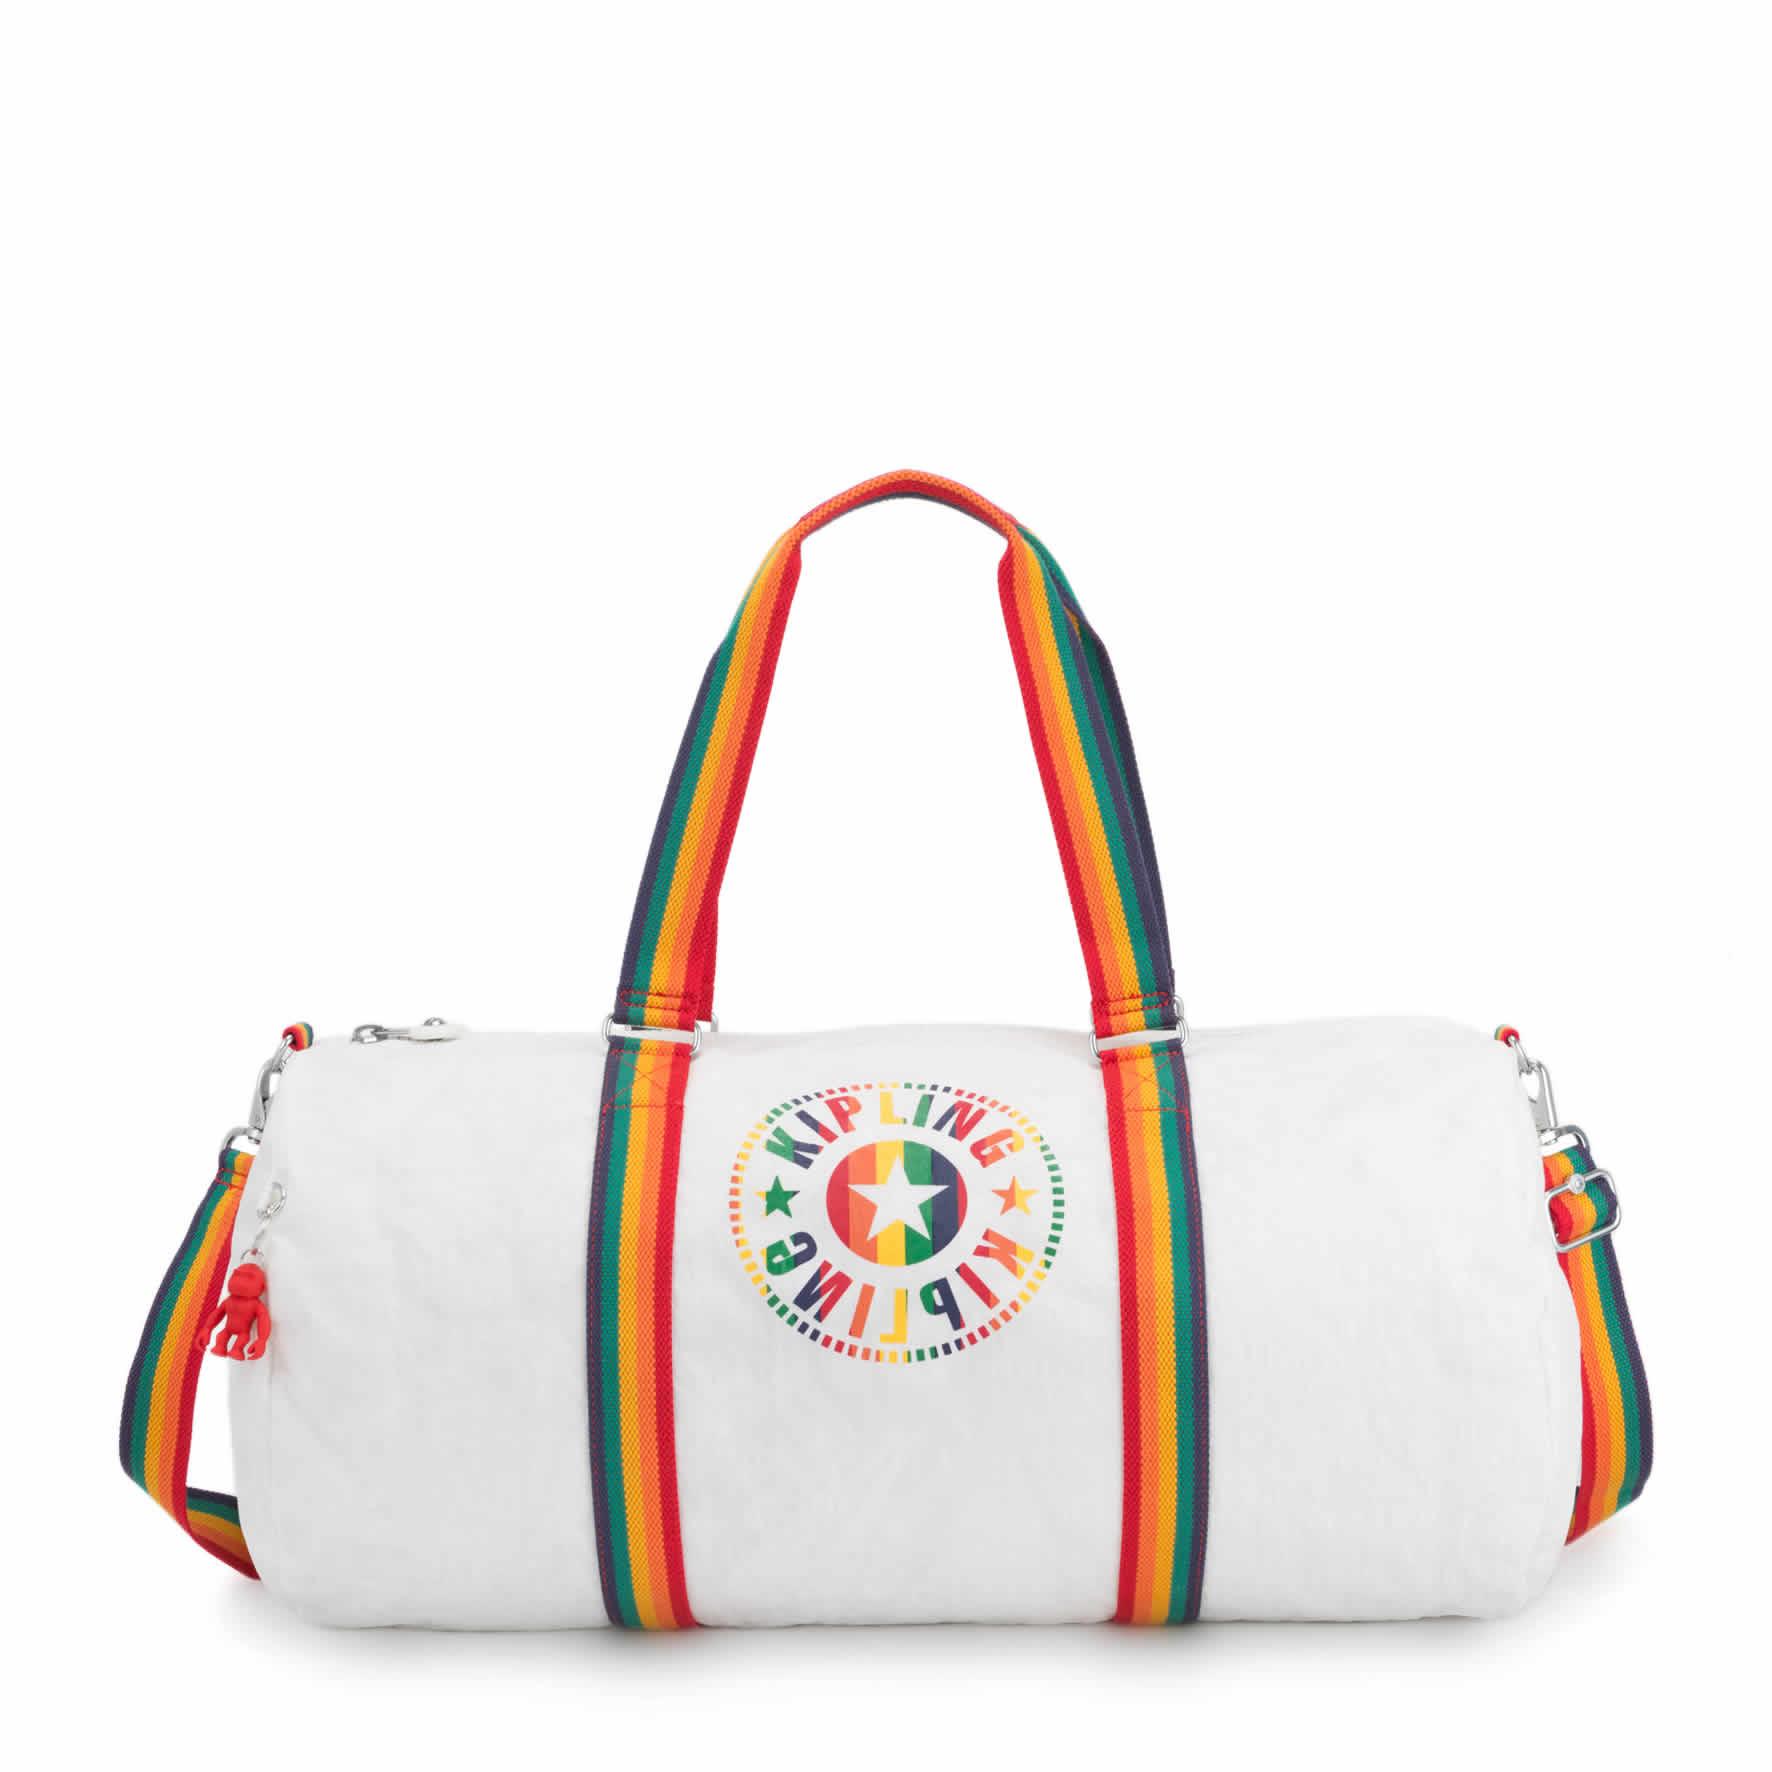 Kipling lancia la Pride Collection e VF viene riconosciuta da Human Rights Campaign